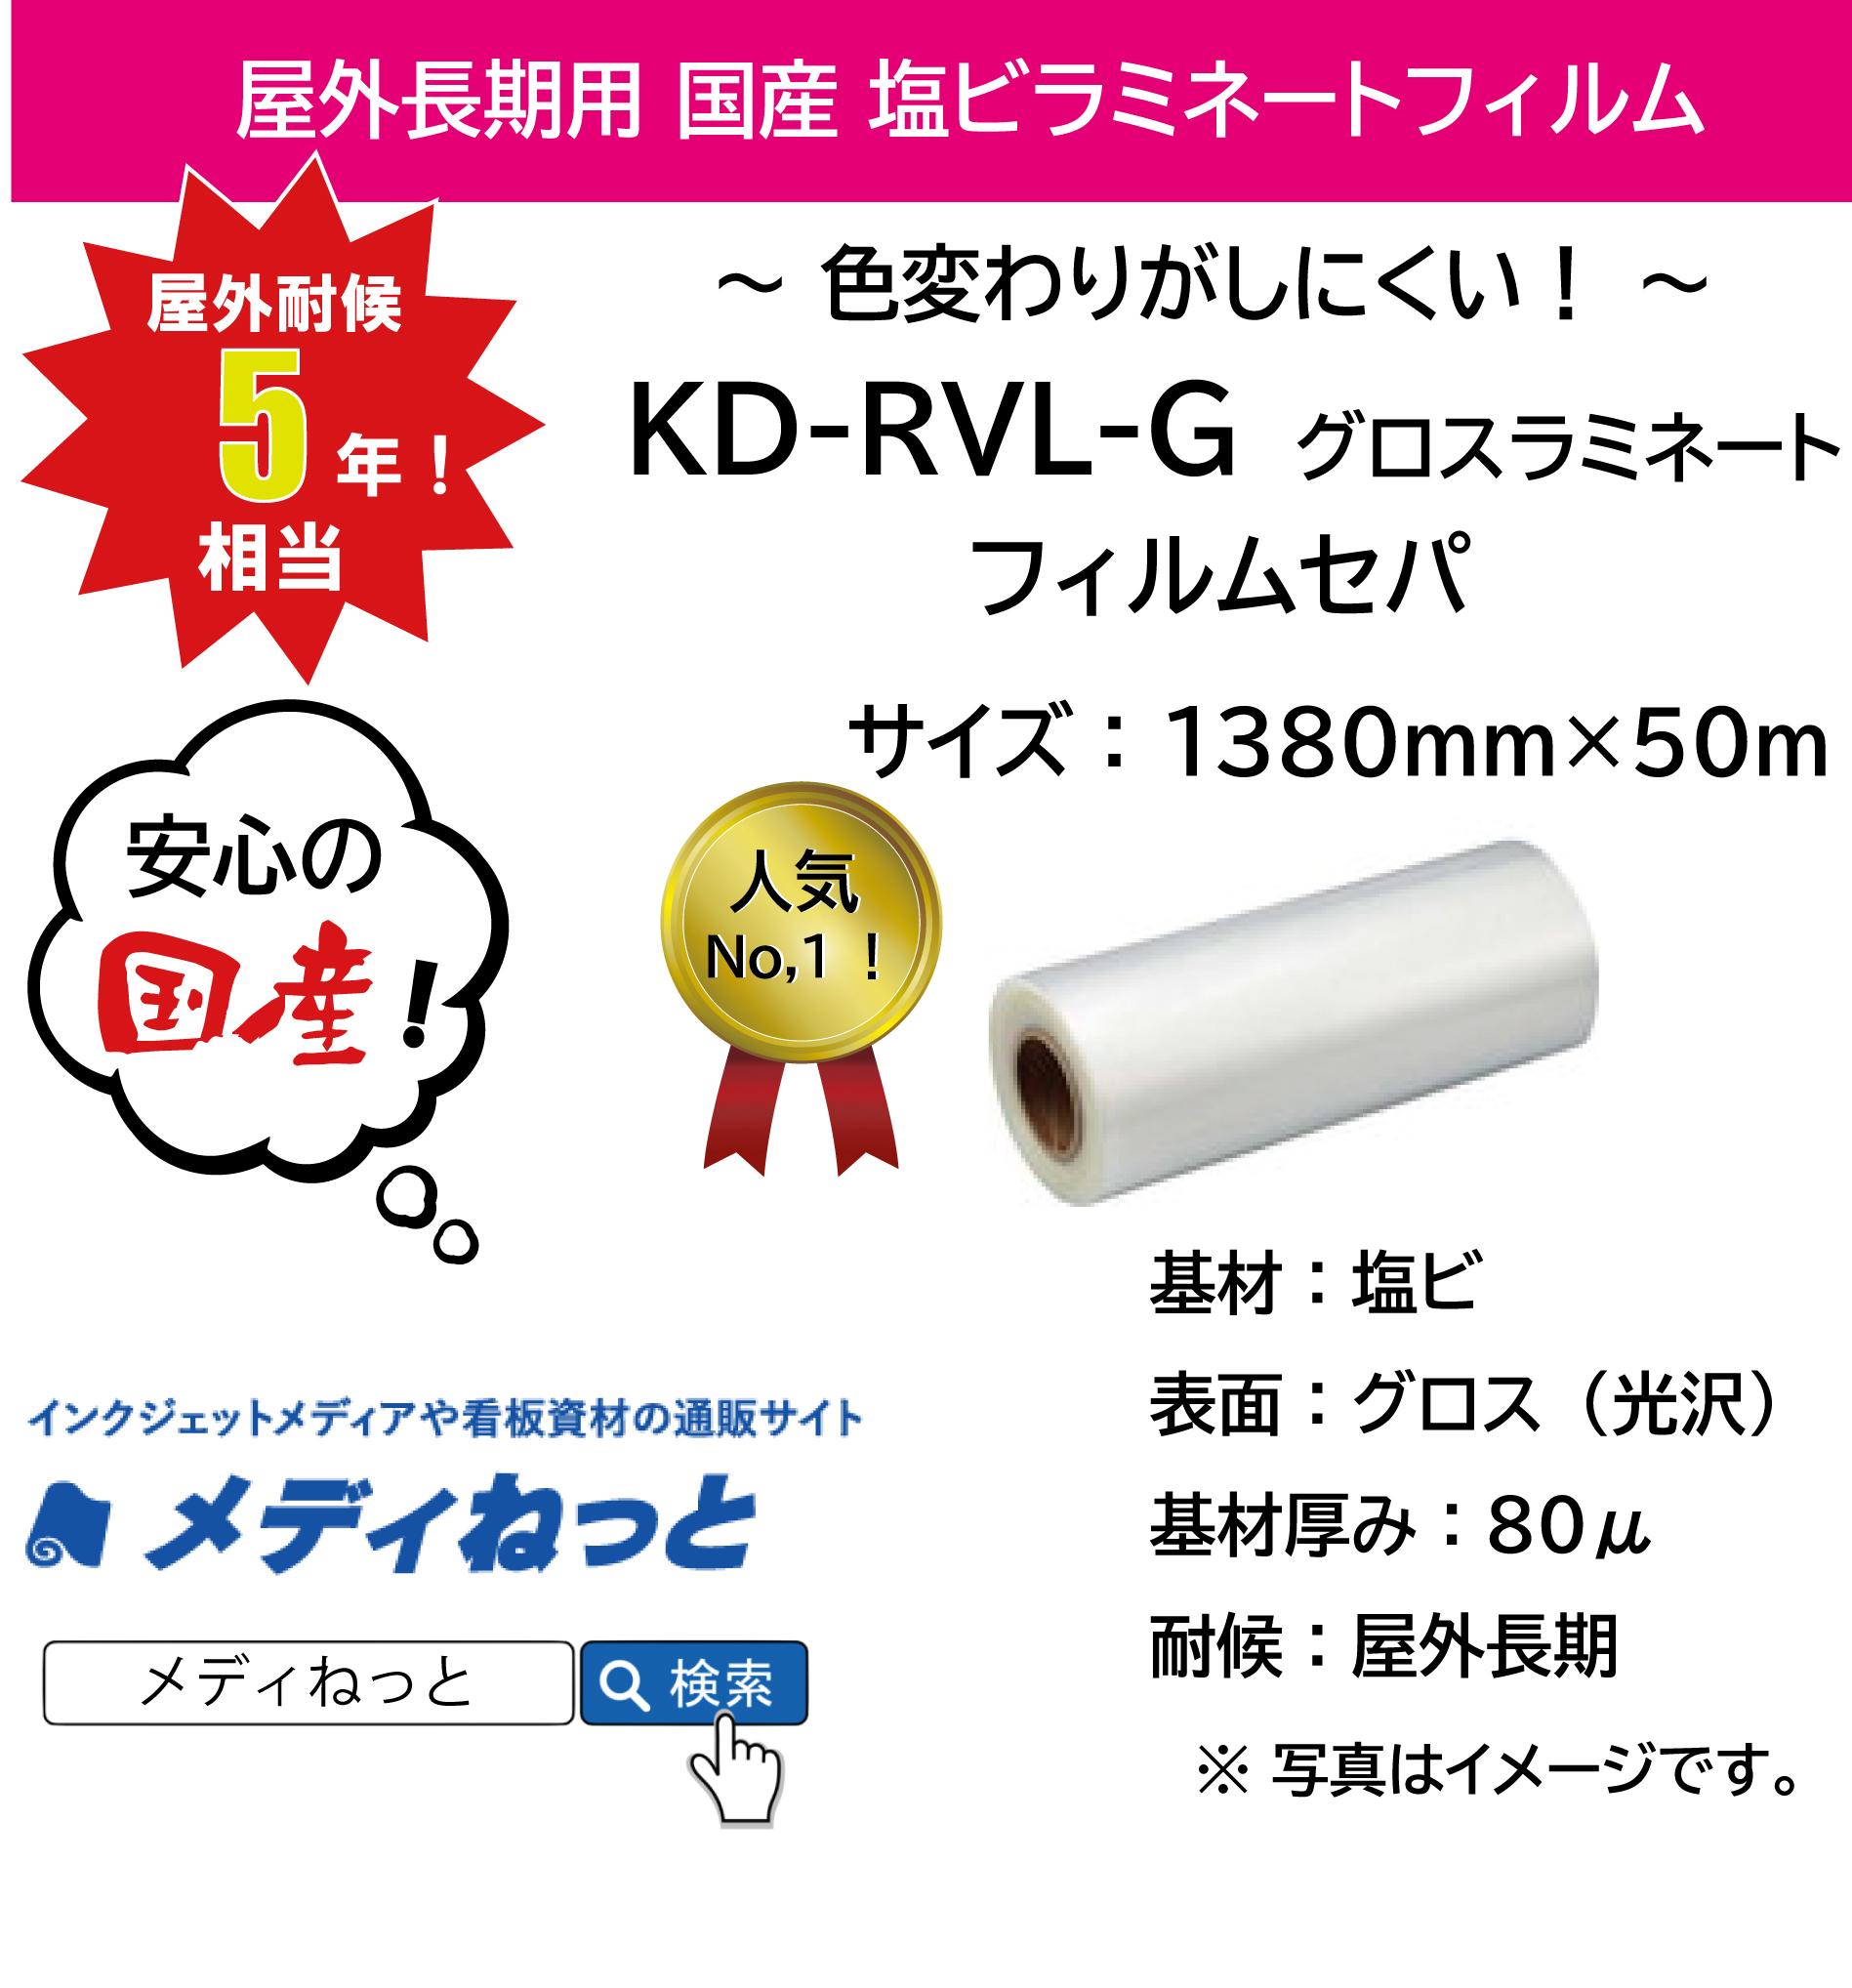 国産長期 KD-RVL-G(グロスラミネートフィルム) 1380mm×50m